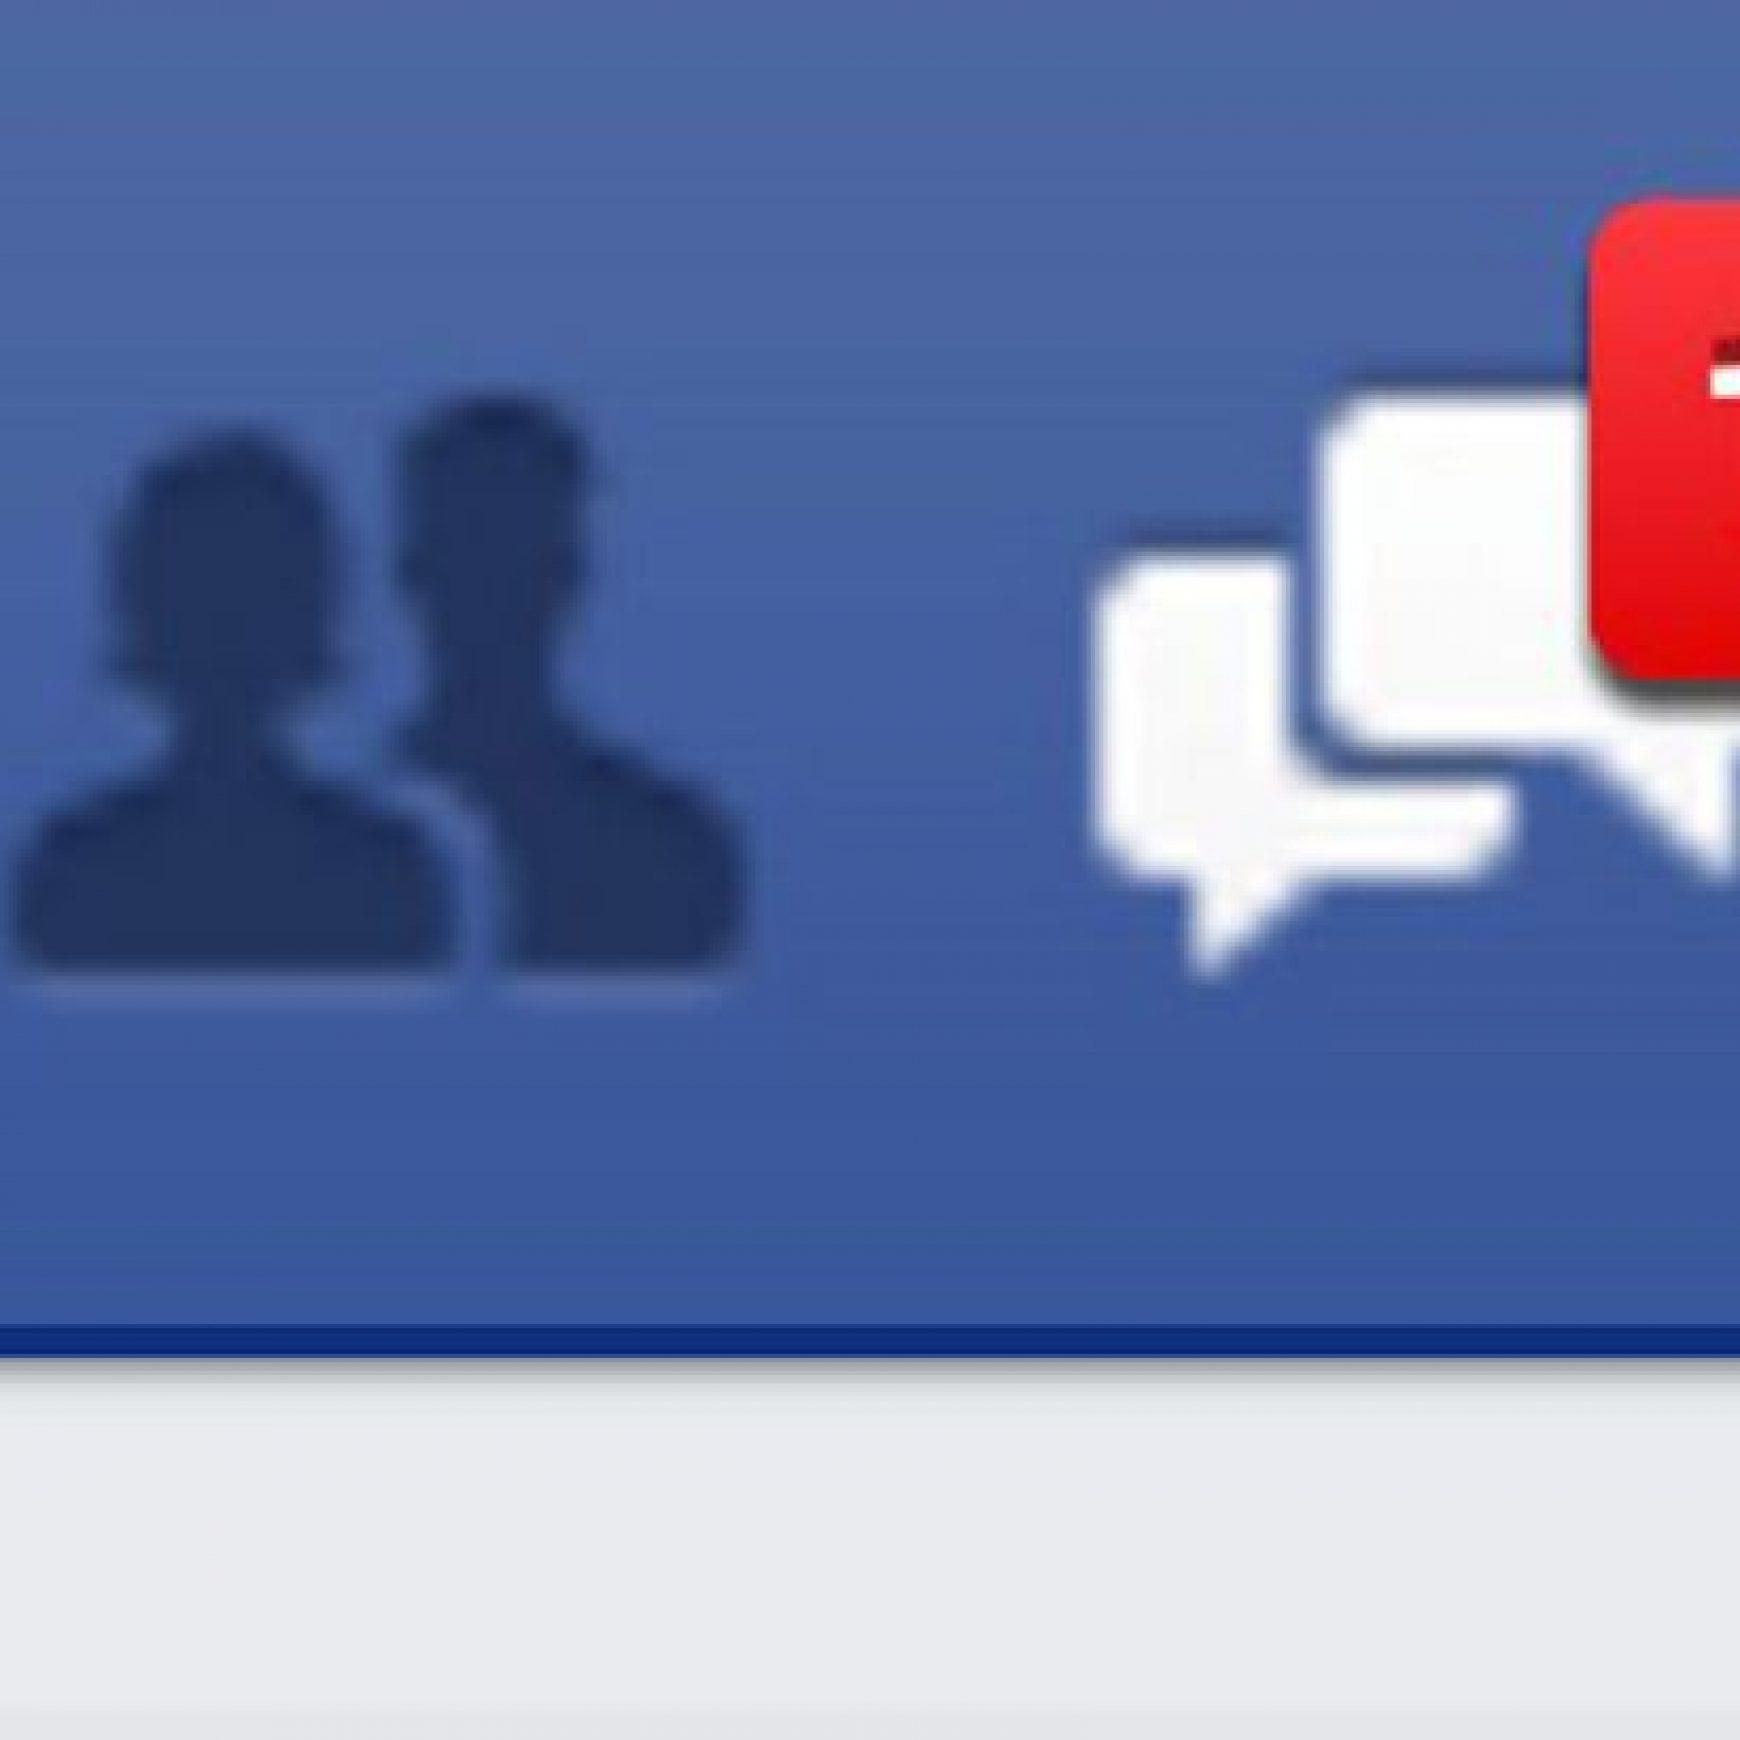 Διέξοδος για μικρομεσαίες επιχειρήσεις η διαφήμιση μέσω του Facebook